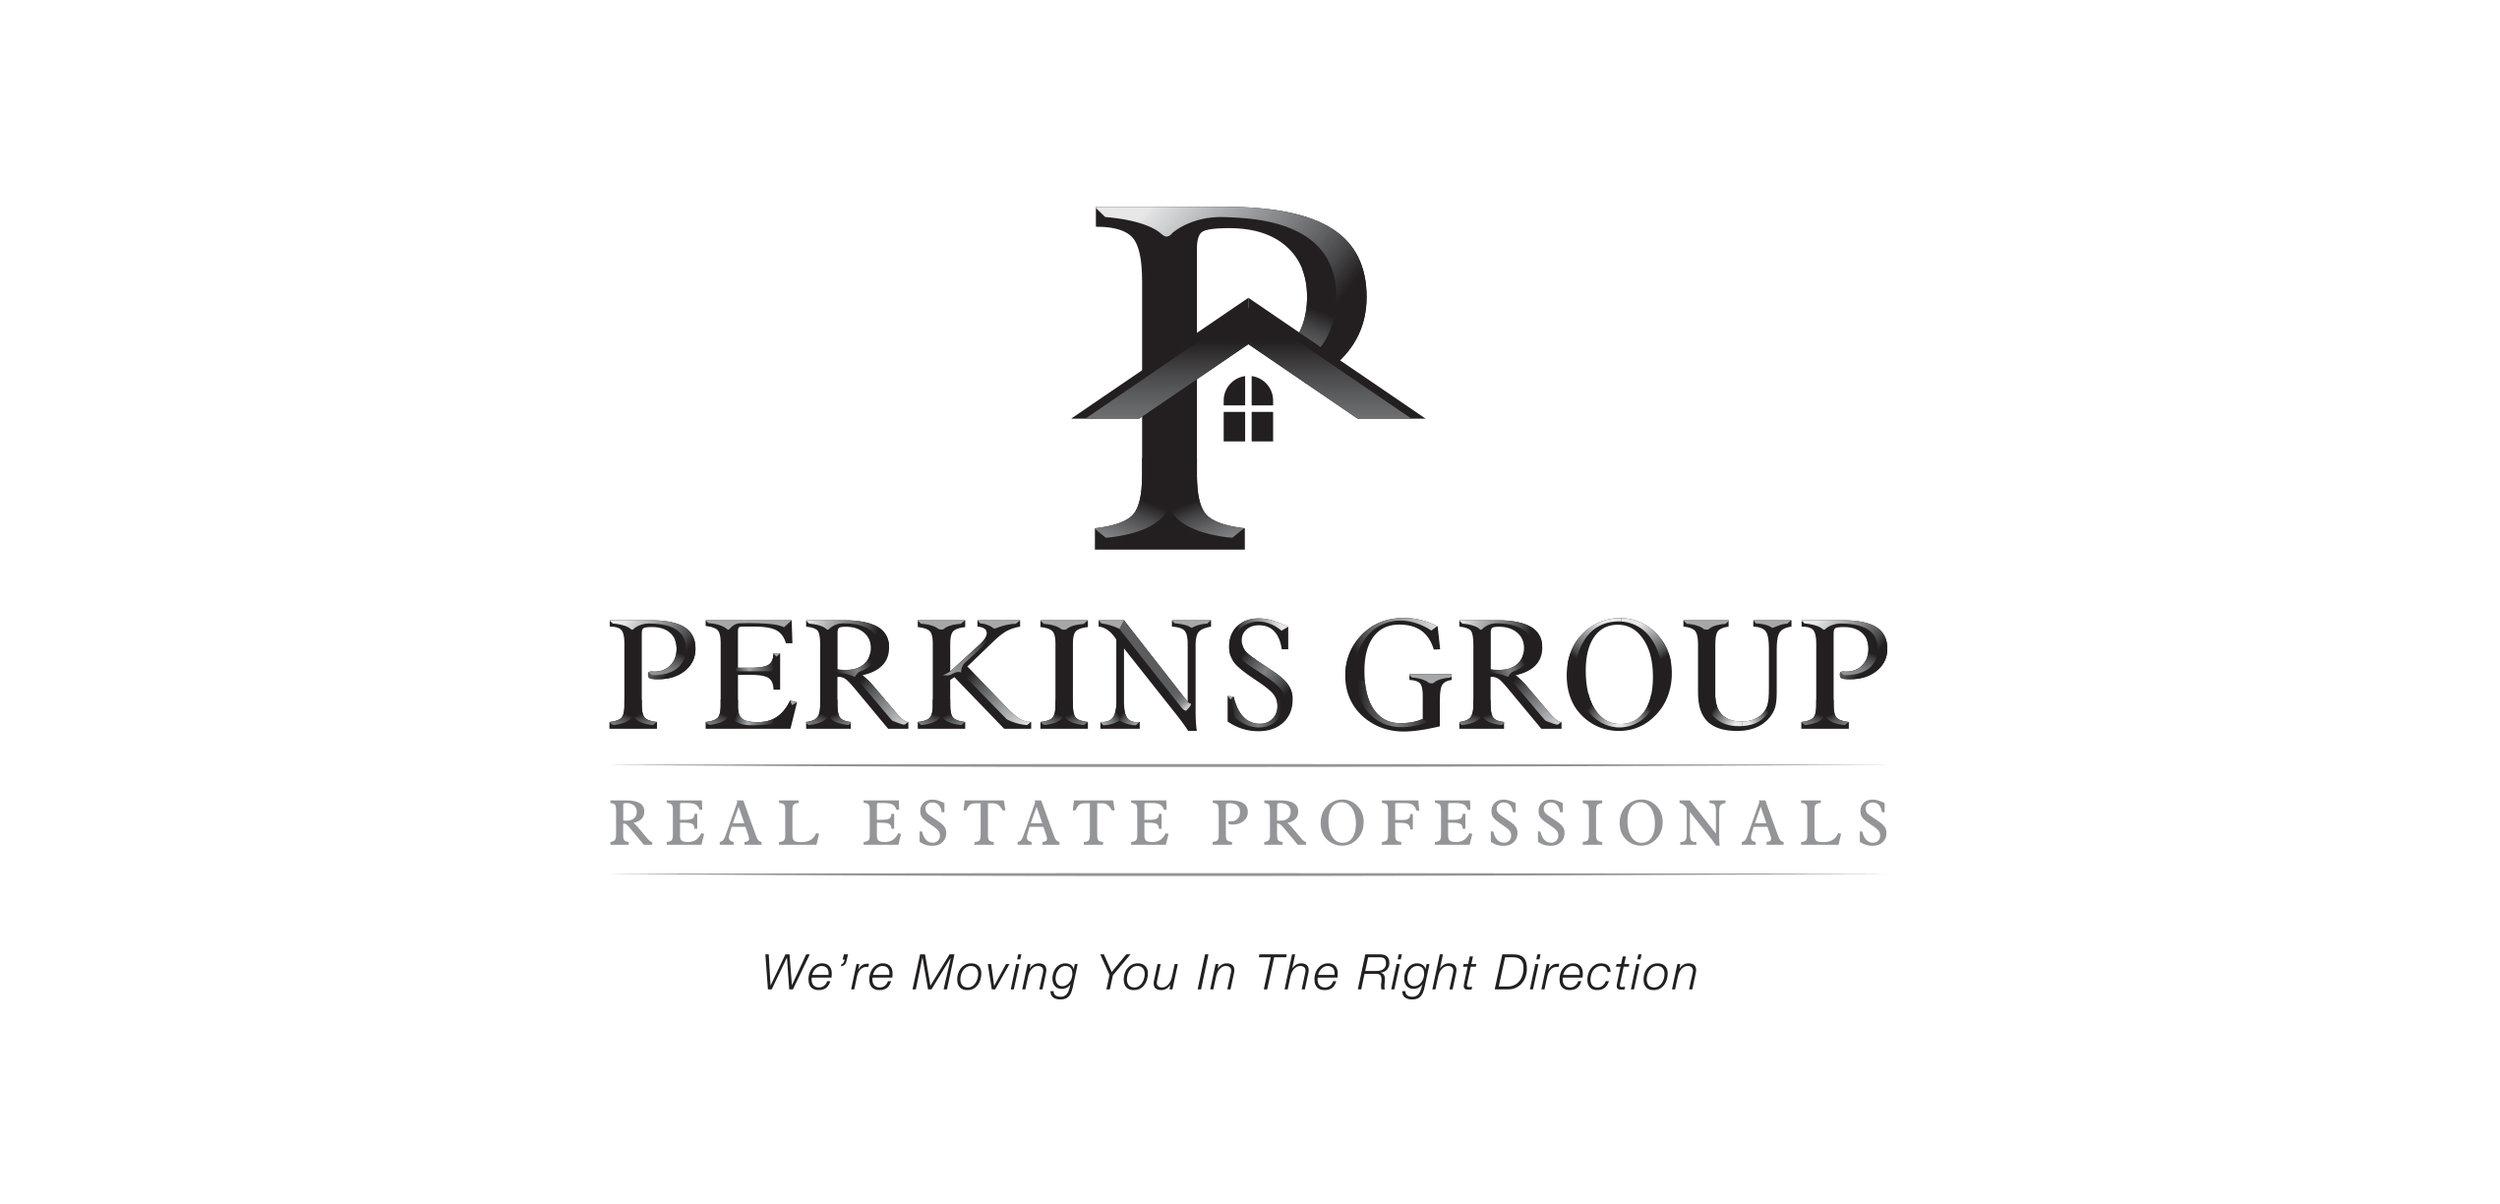 028 - Perkins Group.jpg